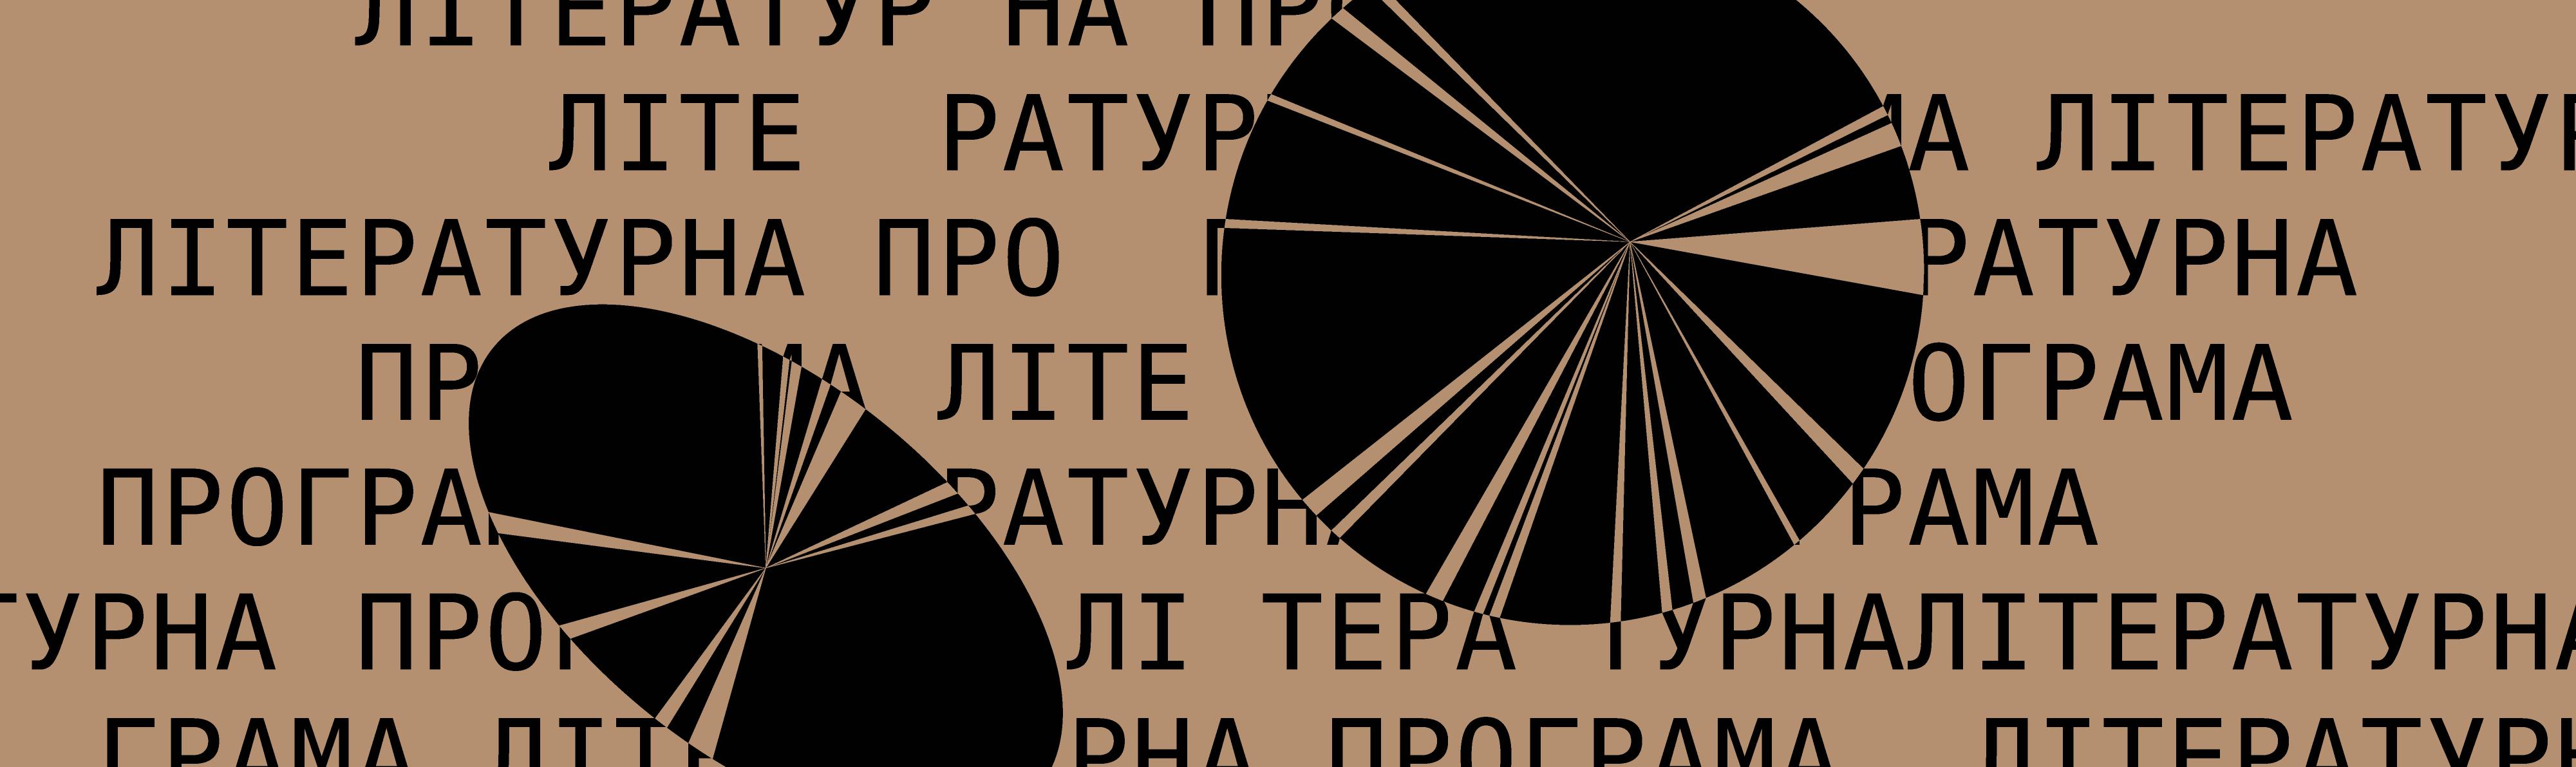 Image to Literary Program